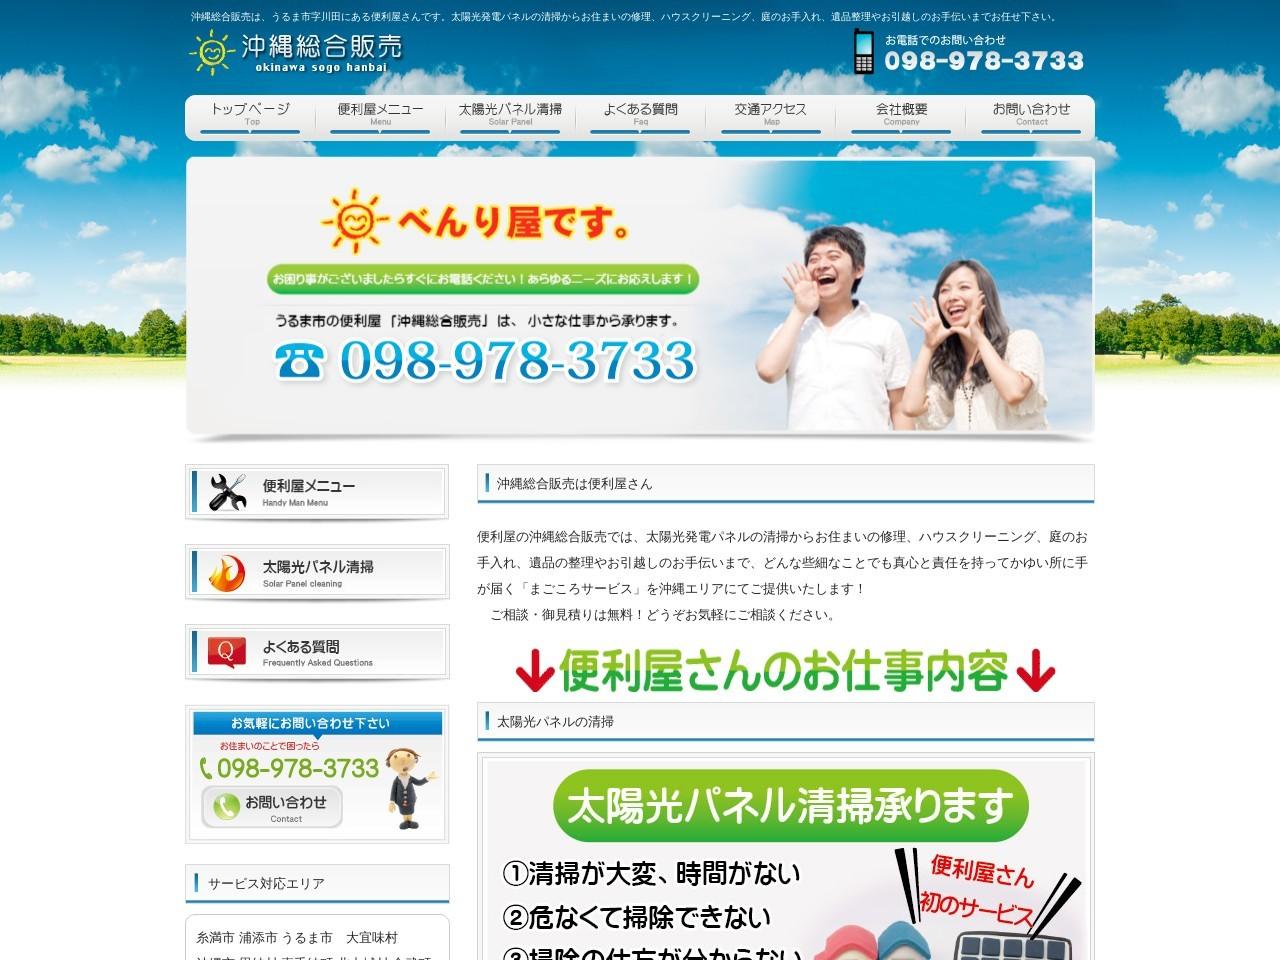 沖縄総合販売(合同会社)